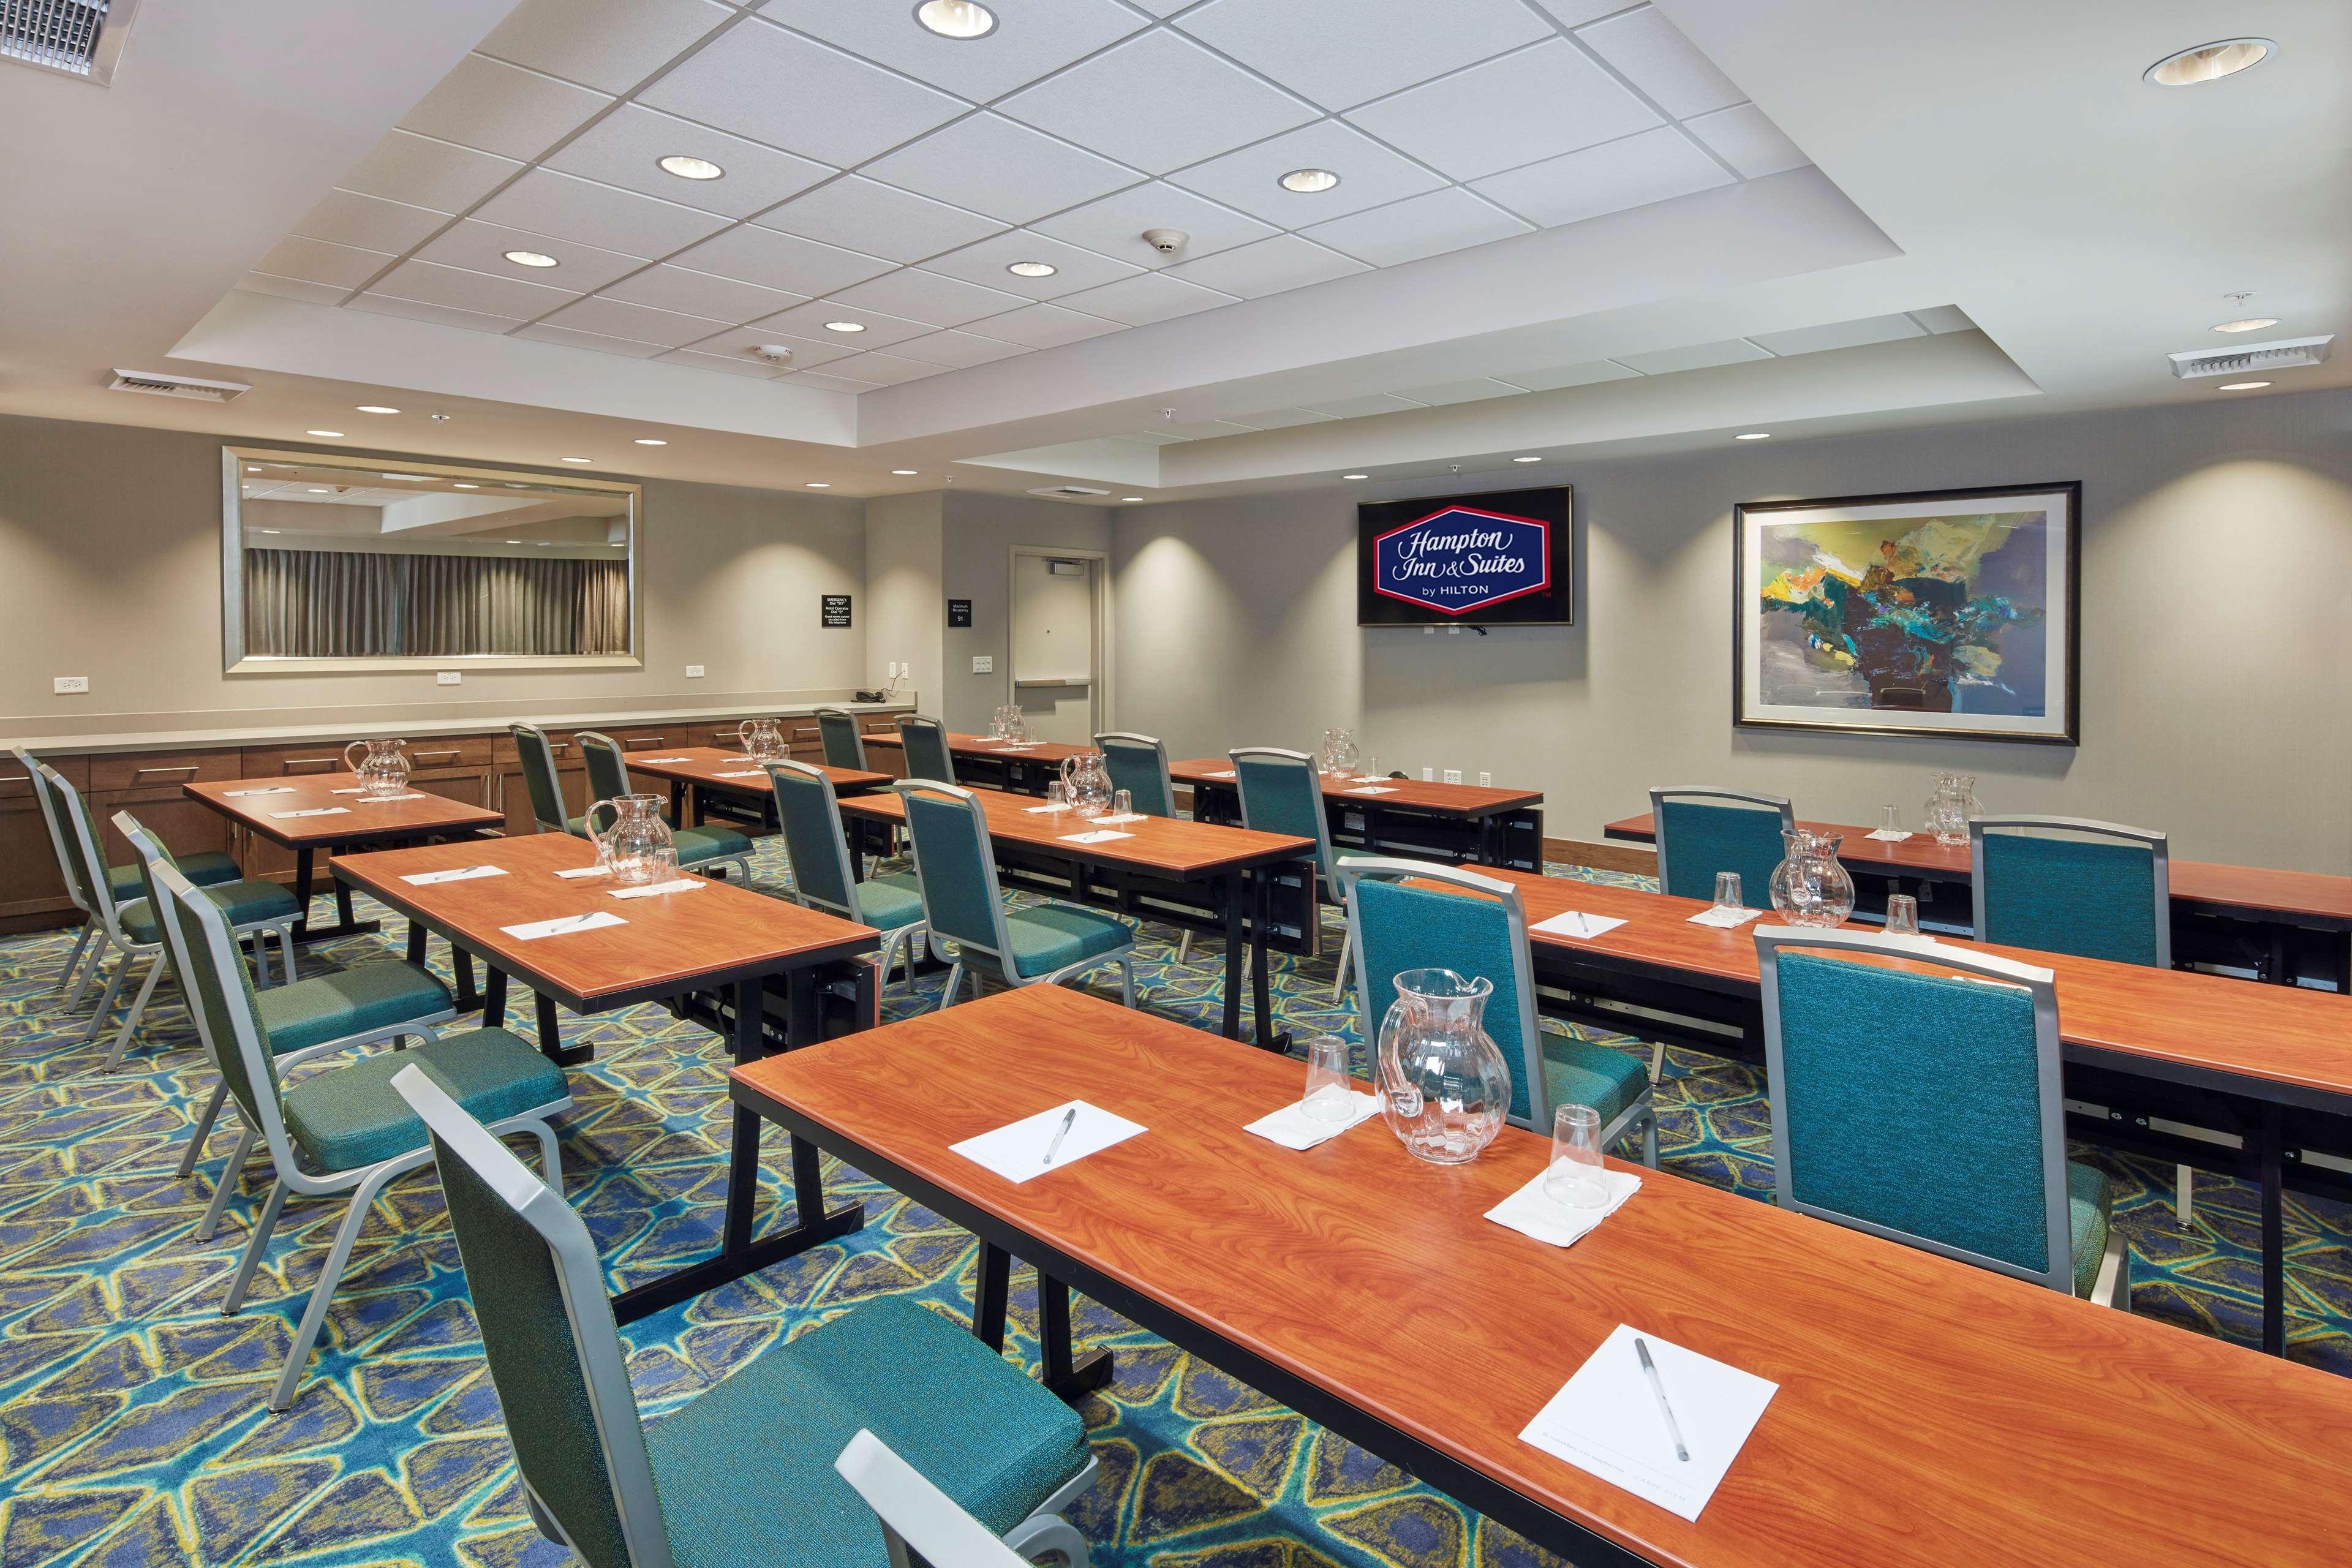 Hampton Inn & Suites Sacramento at CSUS image 48